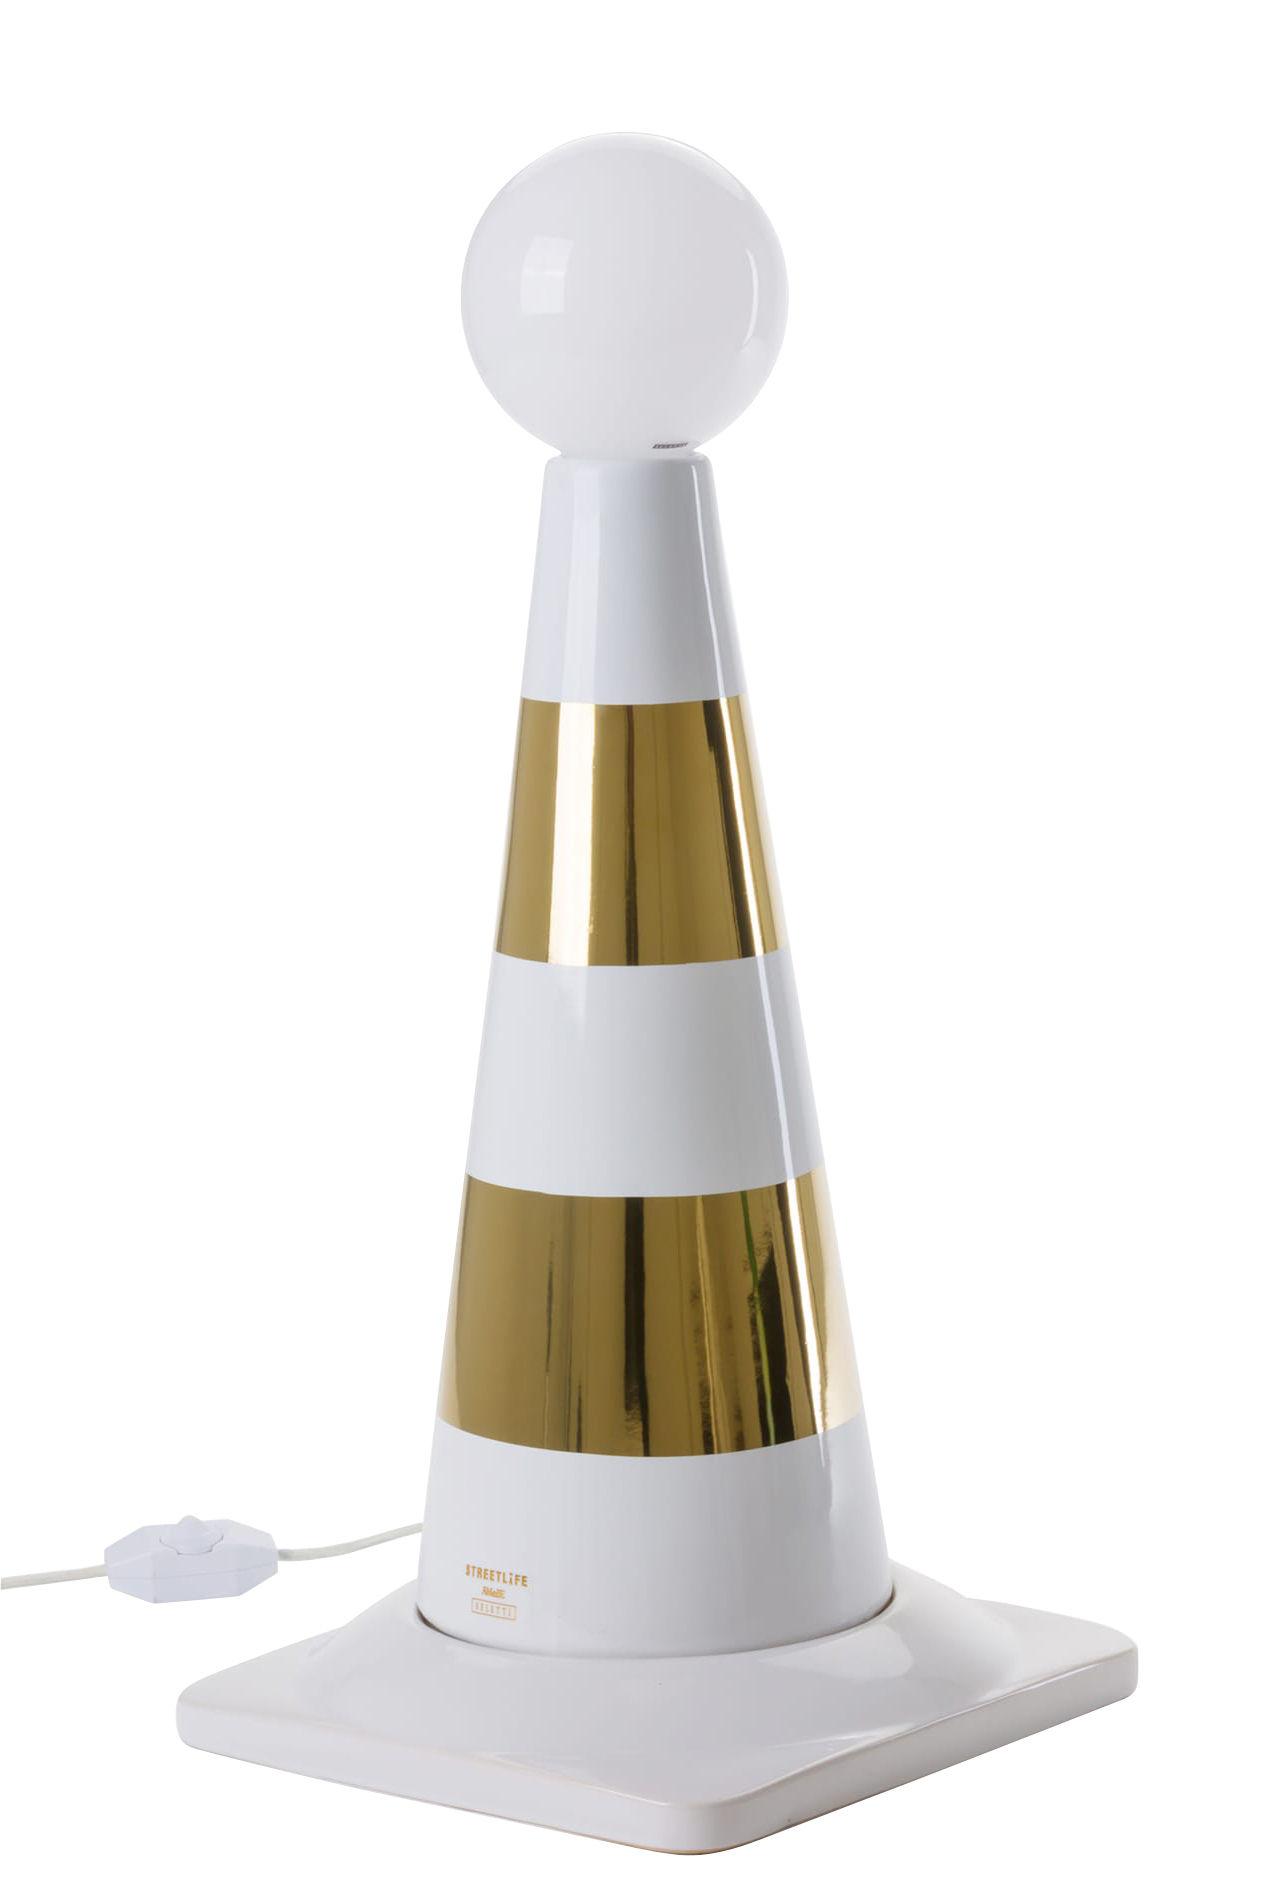 Luminaire - Lampes de table - Lampe de table Street Life / Porcelaine - H 48,5 cm - Seletti - Blanc & or - Porcelaine